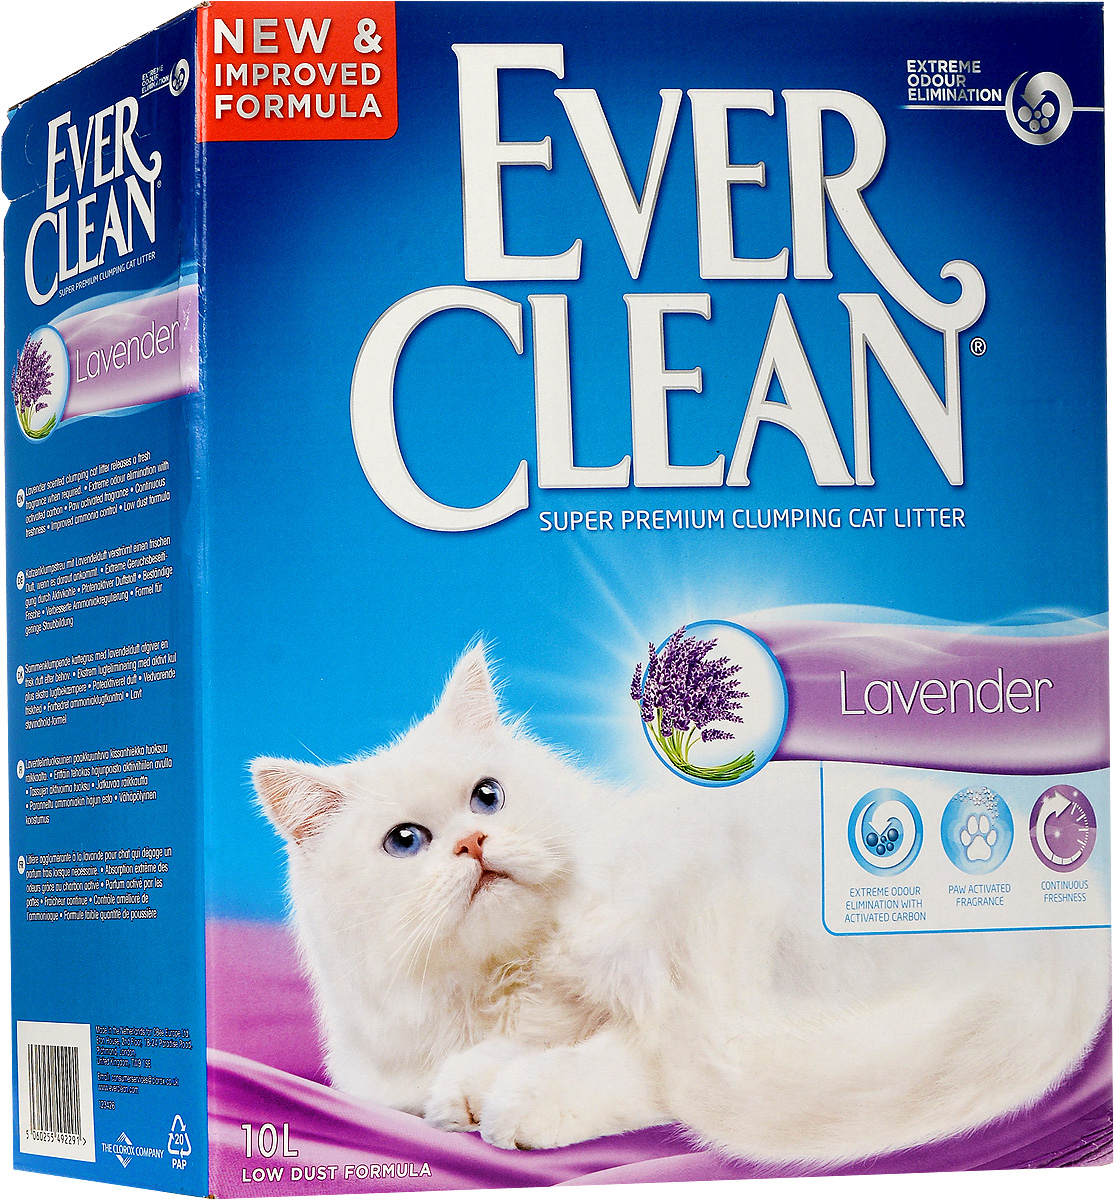 Наполнитель для кошачьего туалета Ever Clean Lavander, комкующийся, с ароматом лаванды, 10 кг. 5965859658_кот лежитНаполнитель Ever Clean Lavander - это высококачественный комкующийся наполнитель с уникальными свойствами. Наполнитель состоит из специально обработанной и очищенной от пыли глины. В ядро каждой гранулы помещен специальным образом обработанный активированный уголь для максимального контроля запахов. Фирменная технология использования активированного угля устраняет неприятные запахи, улавливает и блокирует их, а не маскирует. Гранулы наполнителя не только отлично впитывают, но и образуют крепкие трудноразбиваемые комки. Аммиачный запах эффективно устраняется, а свежий аромат лаванды выделяется по мере необходимости - при контакте с лапами животного. Наполнитель сохранит длительную свежесть в кошачьем туалете и в доме. Специальная формула препятствует образованию пыли. Состав: глина, активированный уголь, ароматизатор. Товар сертифицирован.